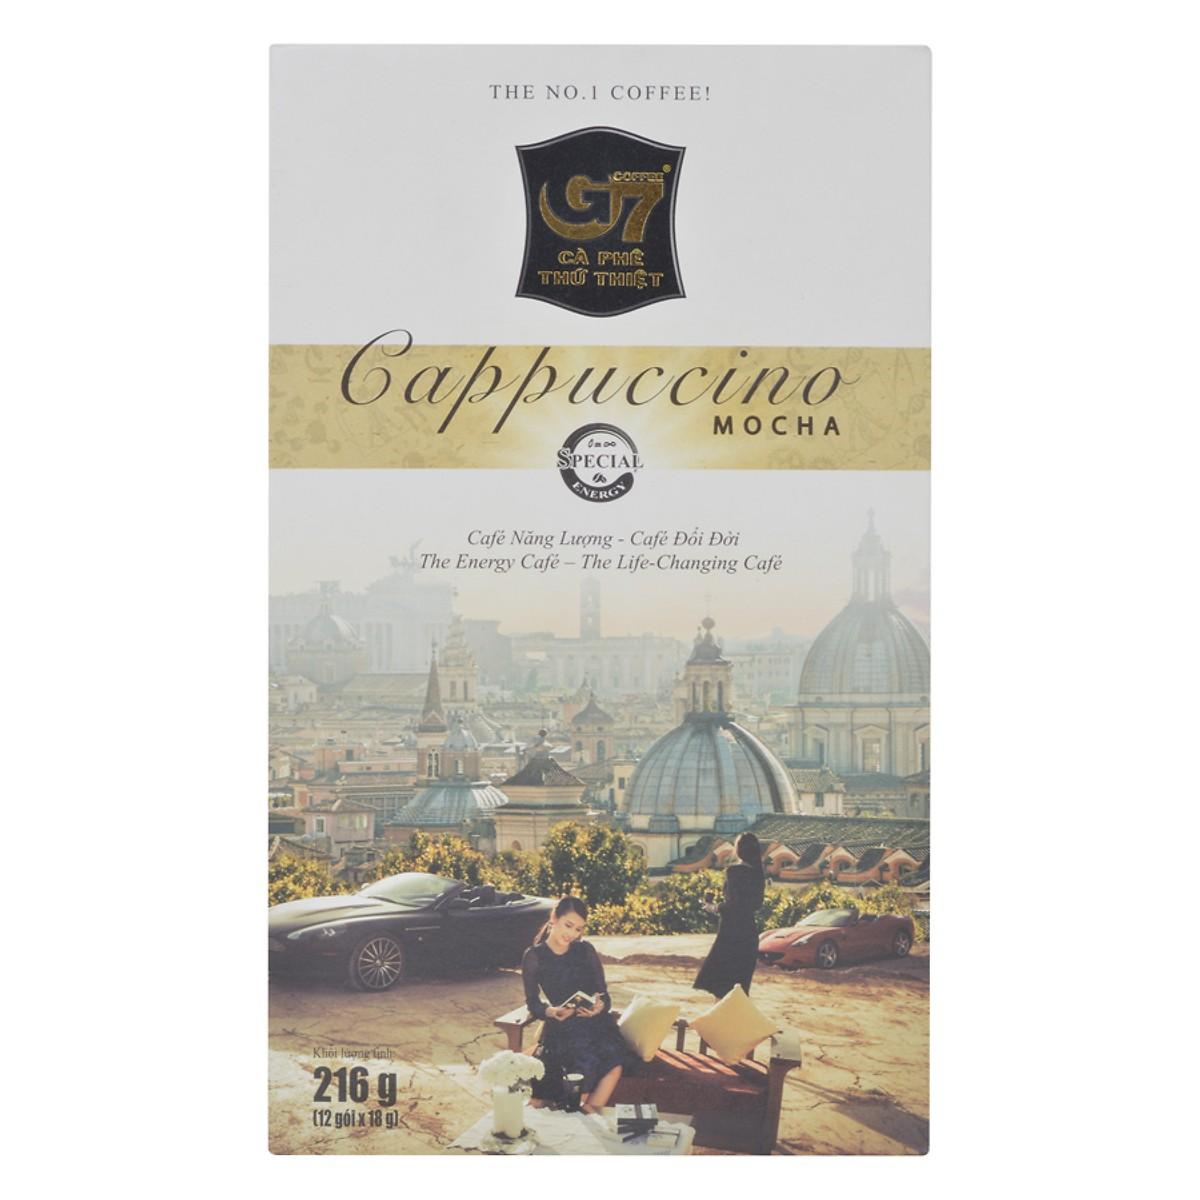 G7 Cappuccino Mocha